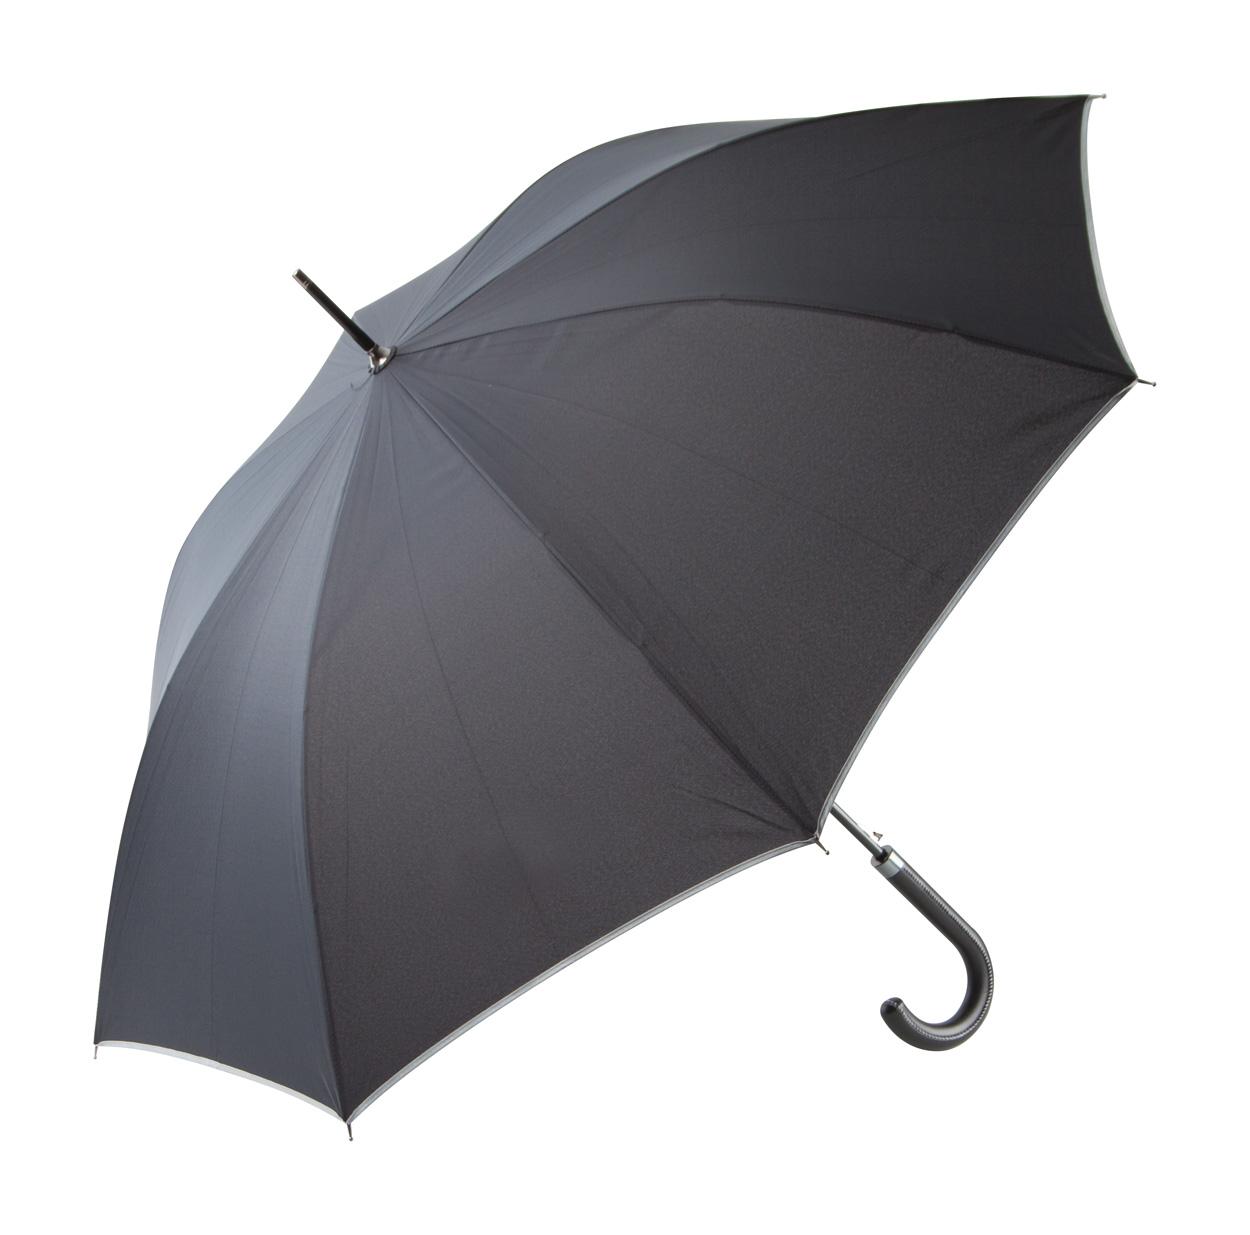 Royal umbrella